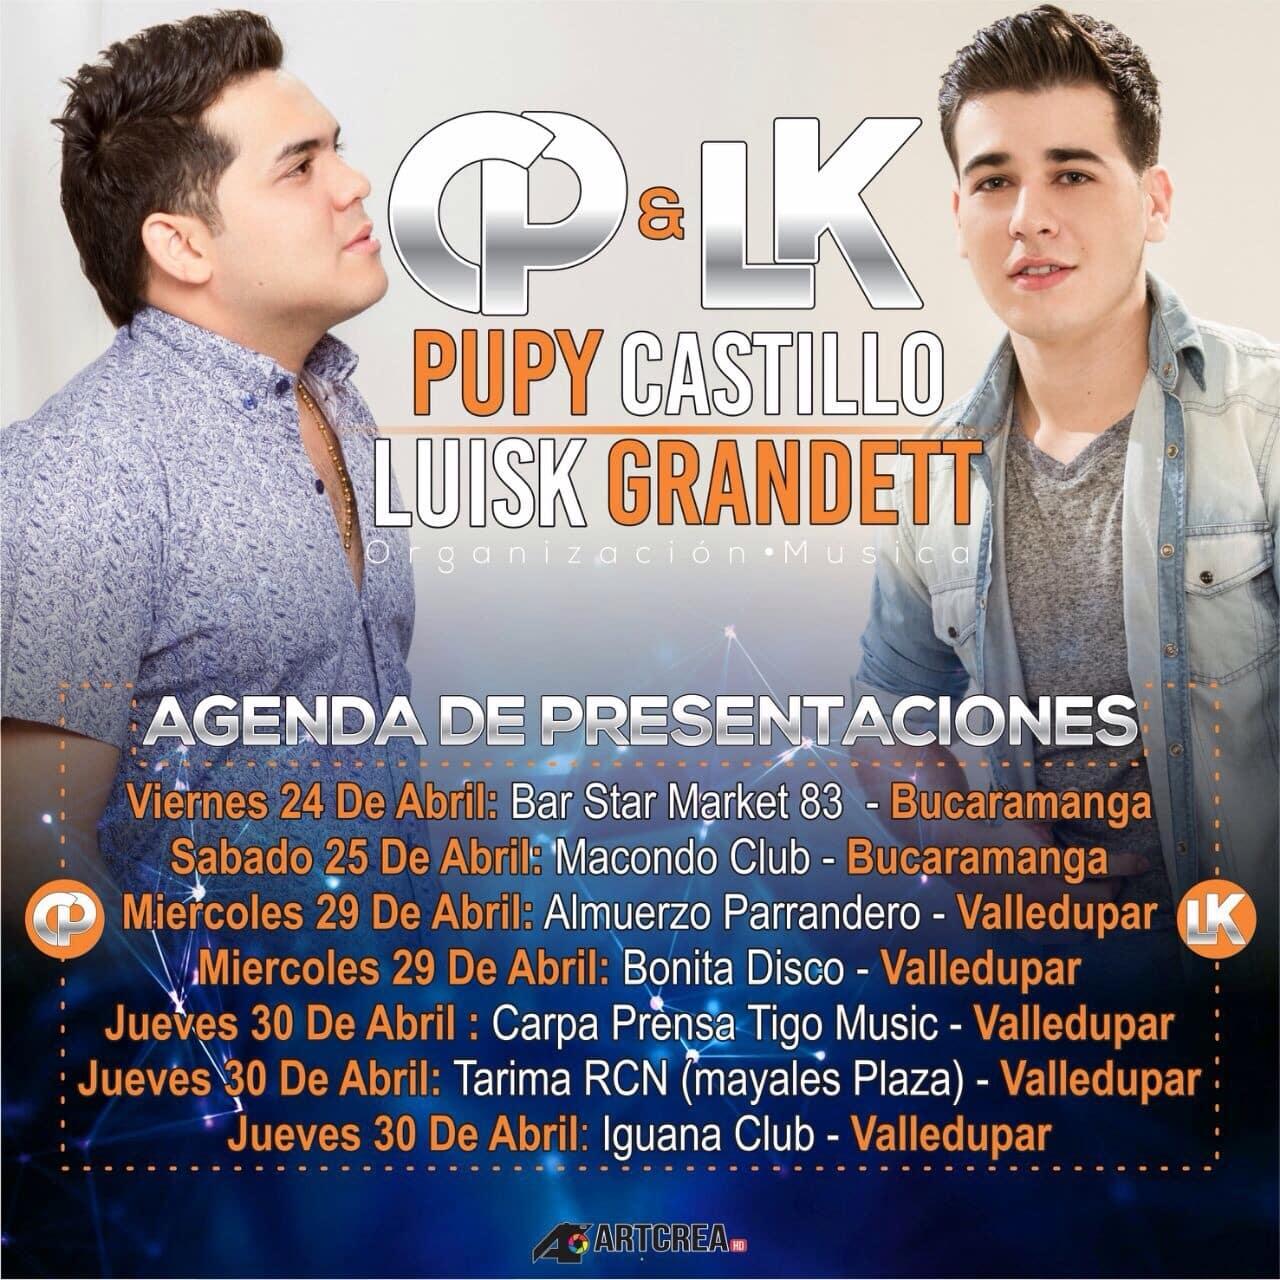 GENDA PUPY CASTILLO Y LUISK GRANDETT